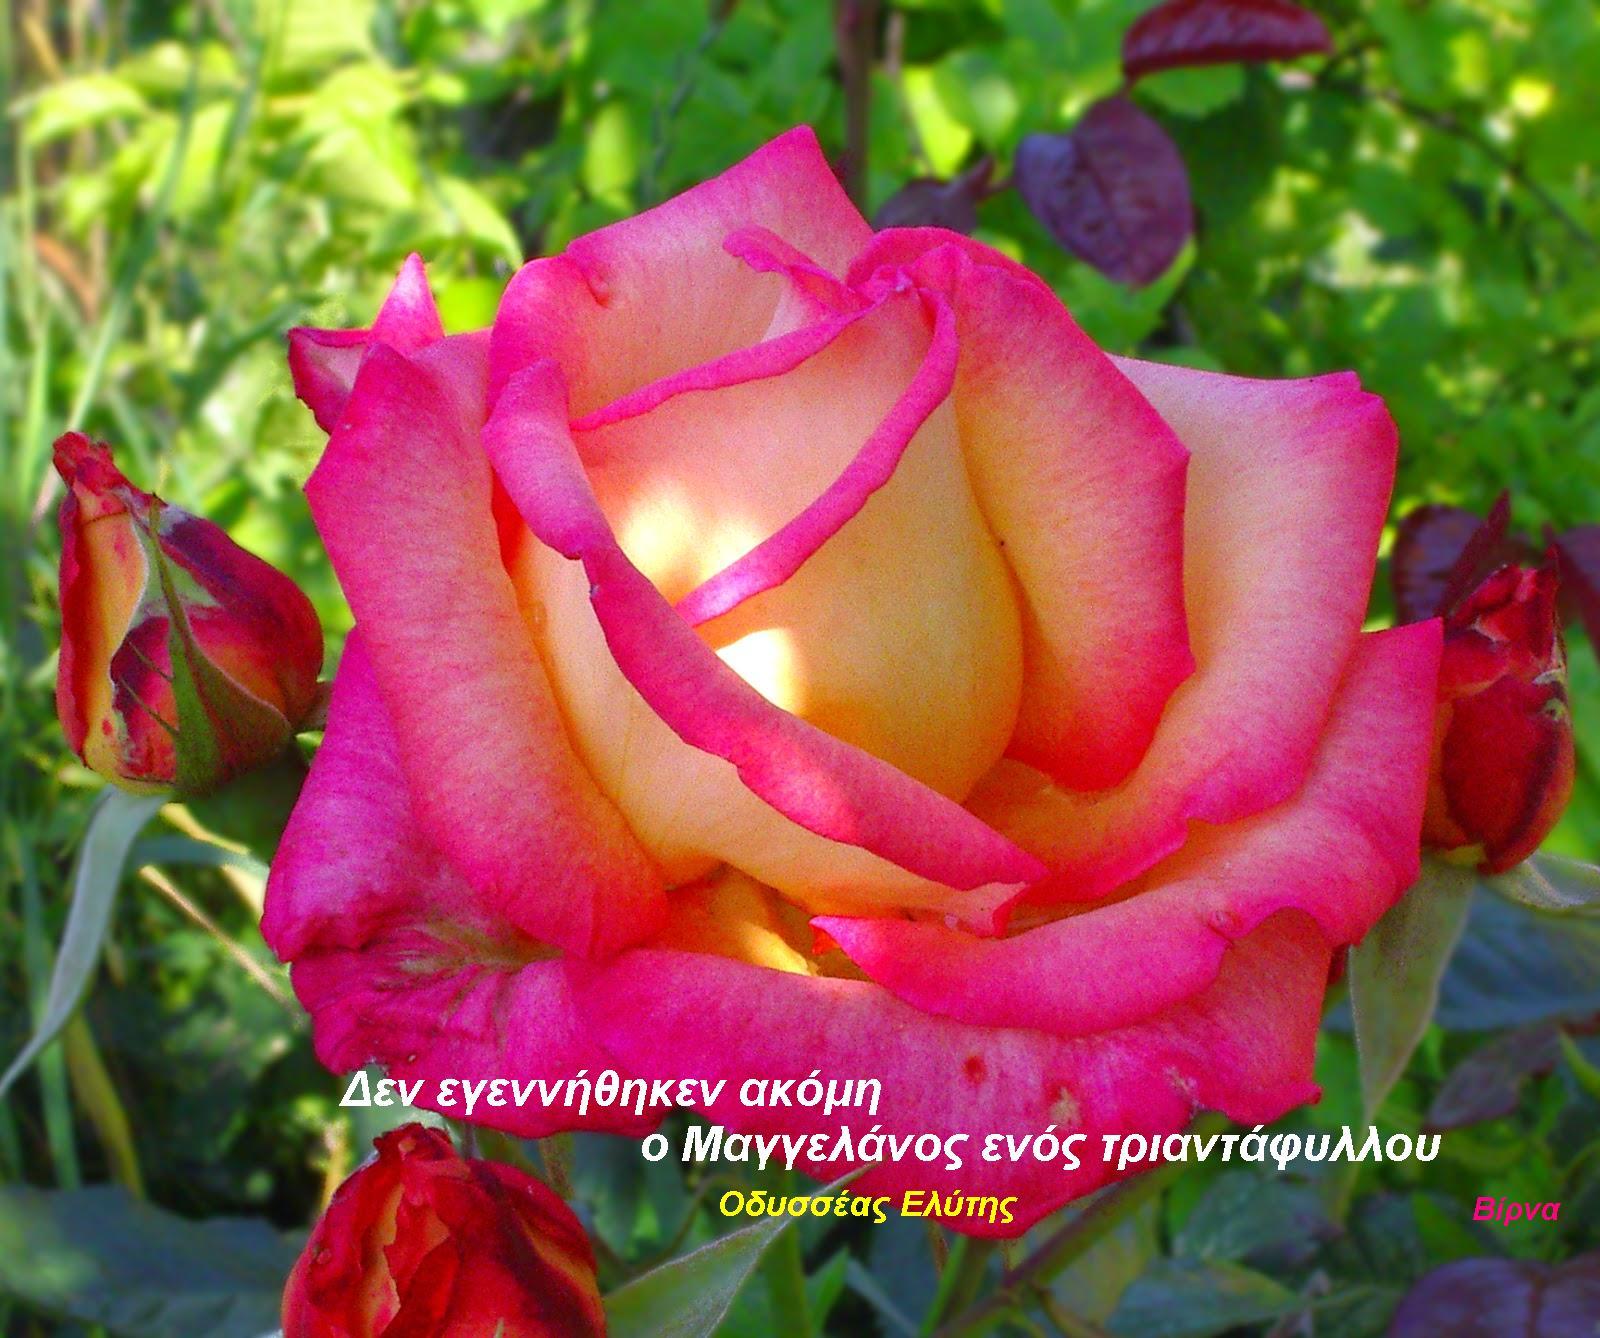 Αντίγραφο από Beautiful-Flower-Rose-Photos-16